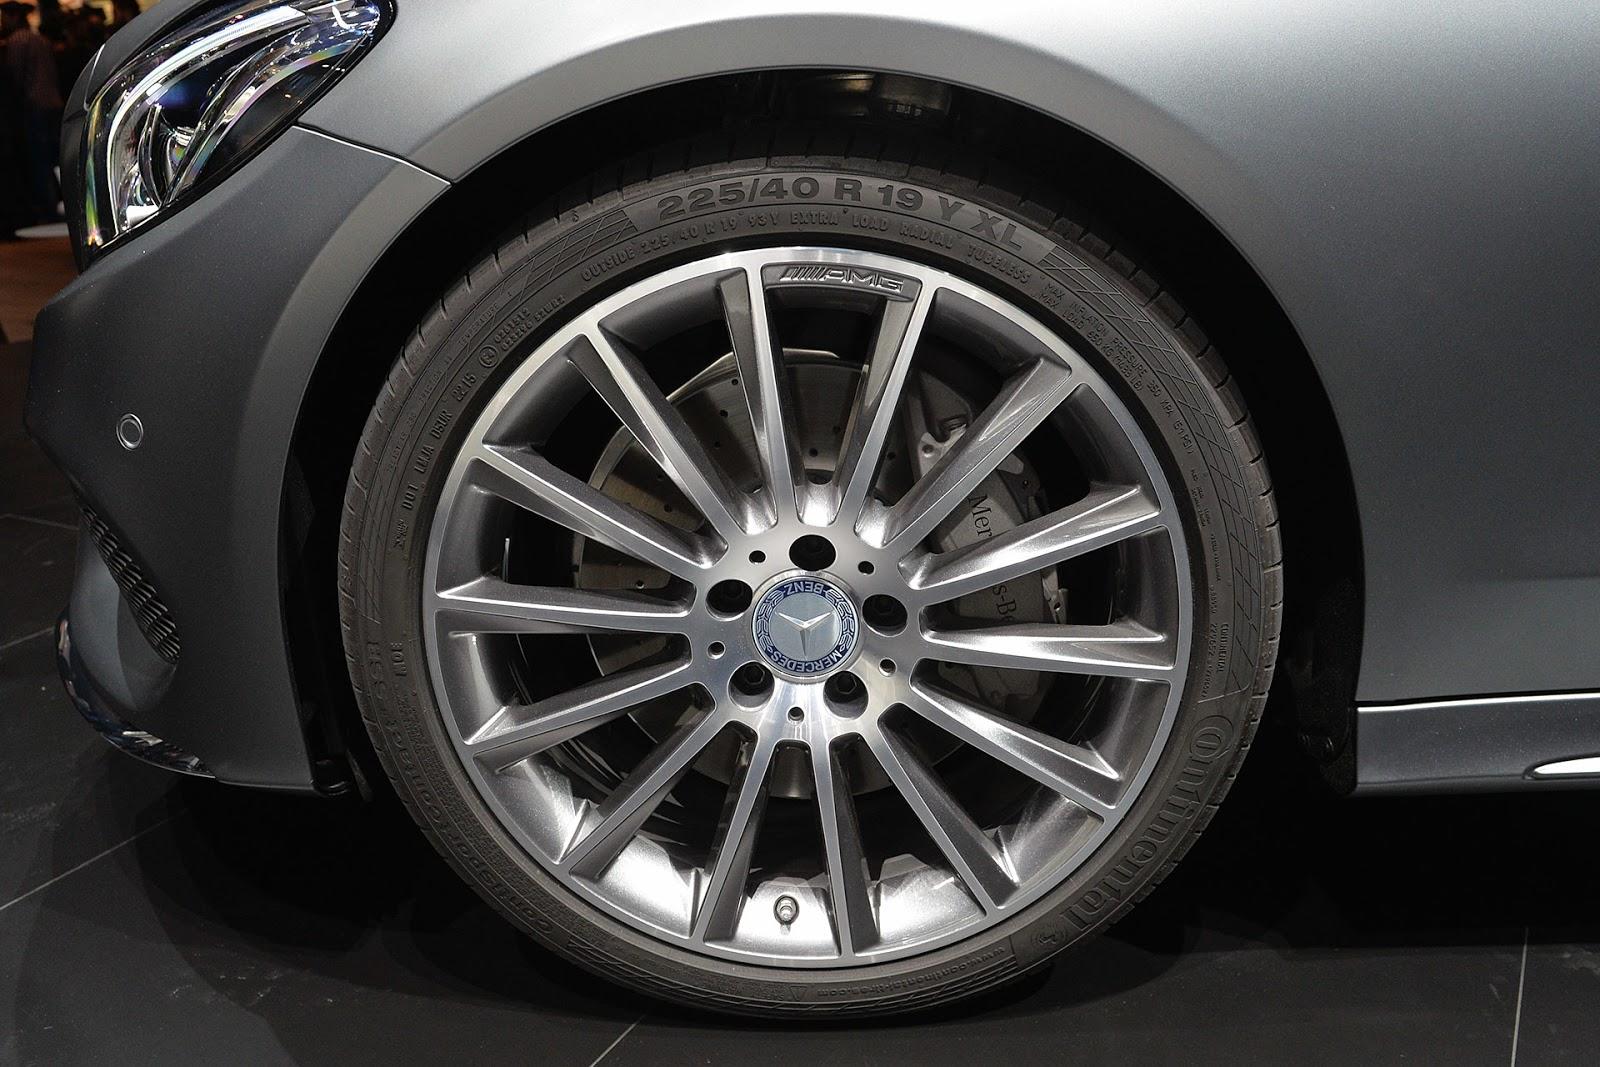 Automotiveblogz mercedes benz c class coupe frankfurt 2015 for 2015 mercedes benz c class coupe